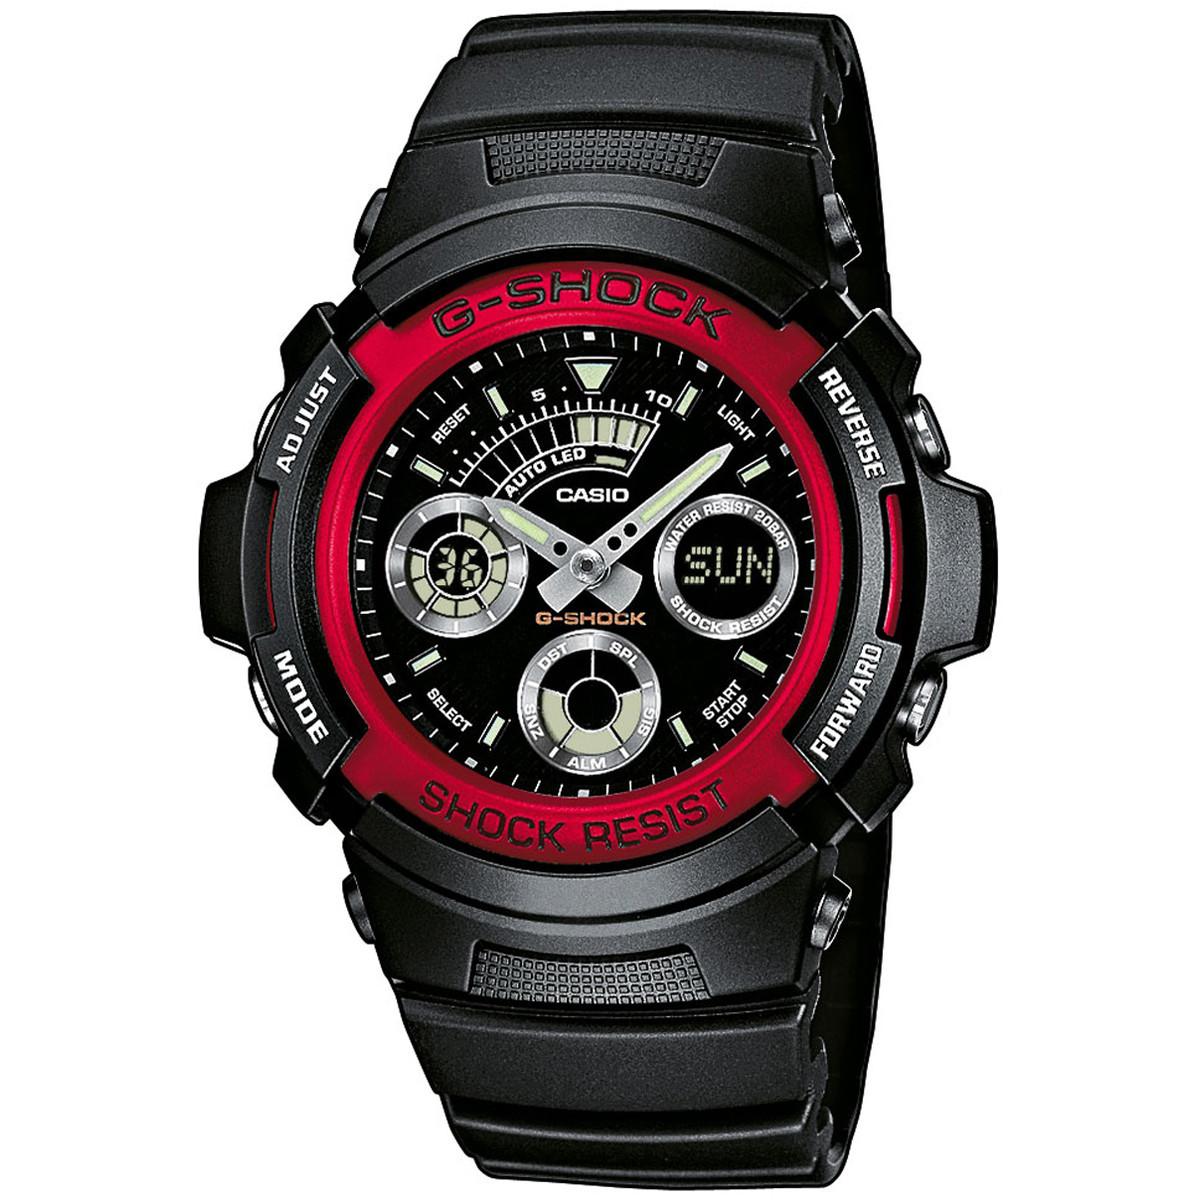 Ceas barbatesc Casio G-Shock AW-591-4AER original de mana